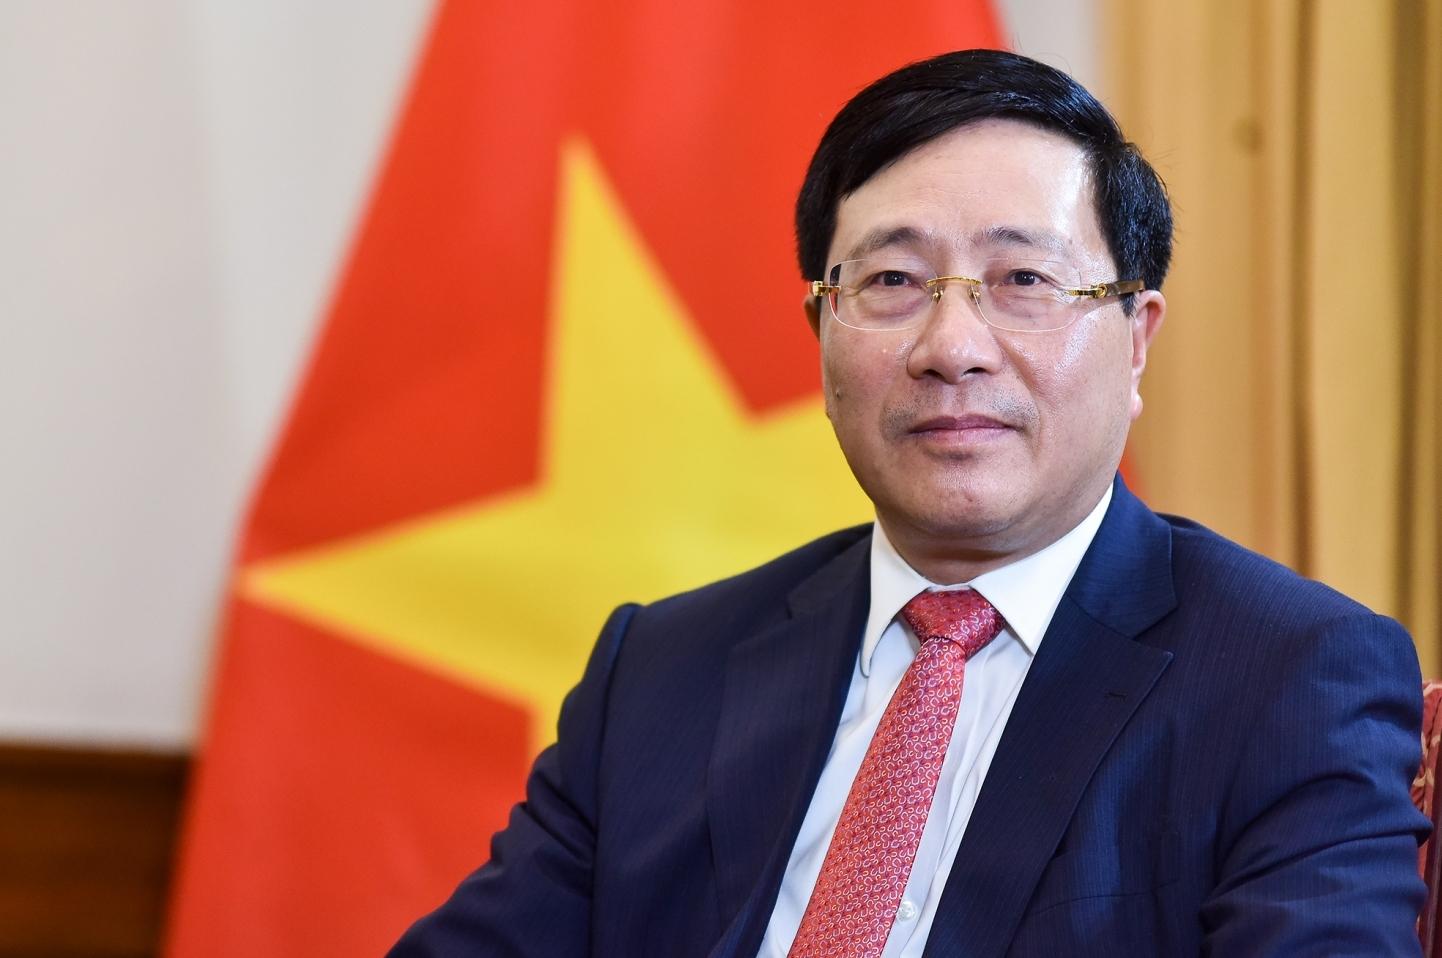 Việt Nam phấn đấu hoàn thành tốt vai trò Chủ tịch HĐBA với những đóng góp, dấu ấn mới